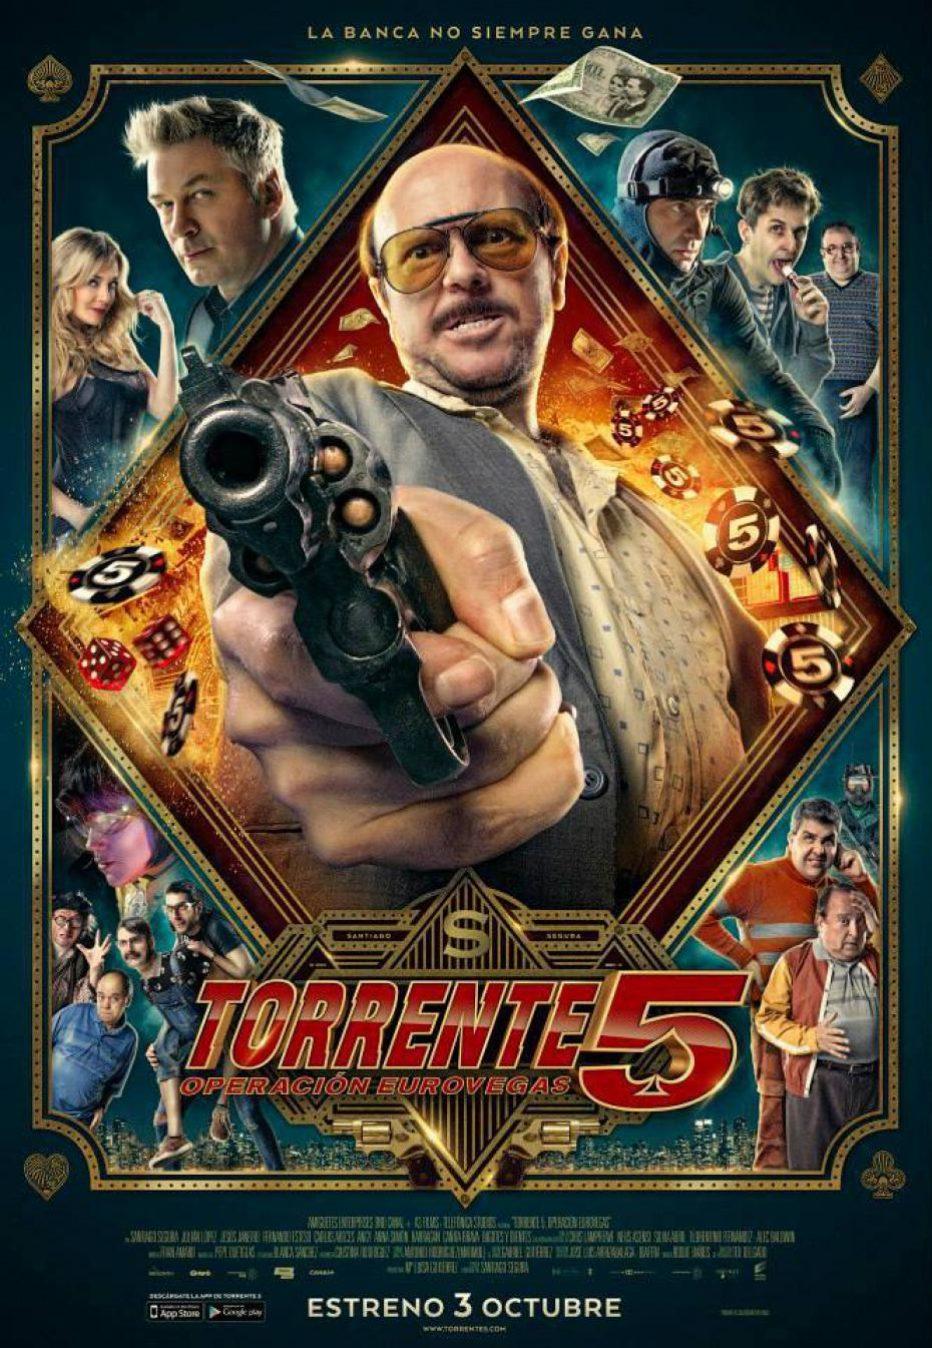 Torrente 5: operación retorno